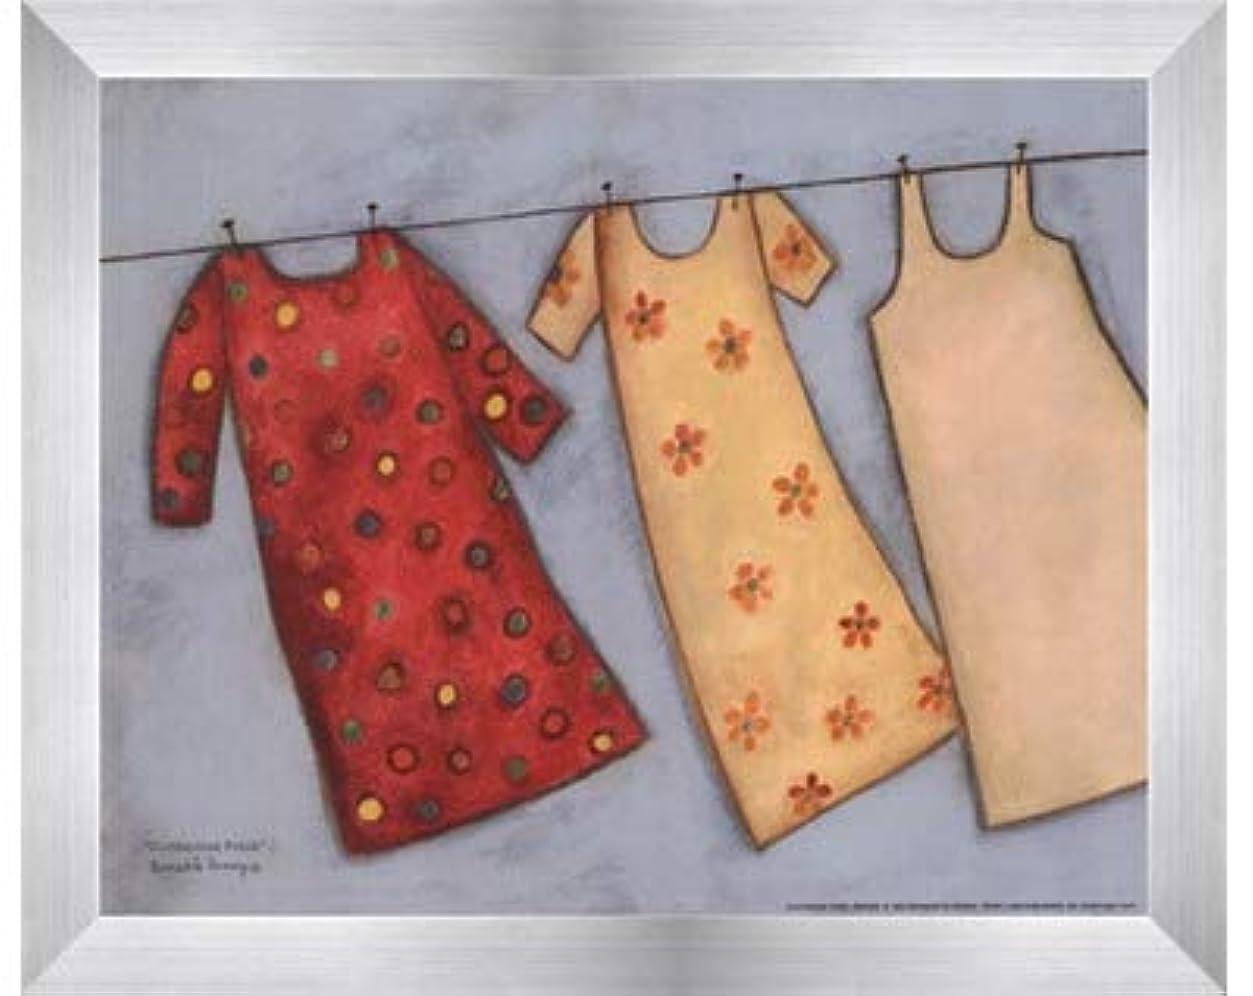 懐疑論尋ねる私たちのものClothesline Fresh by Bernadette Deming – 10 x 8インチ – アートプリントポスター LE_479905-F9935-10x8